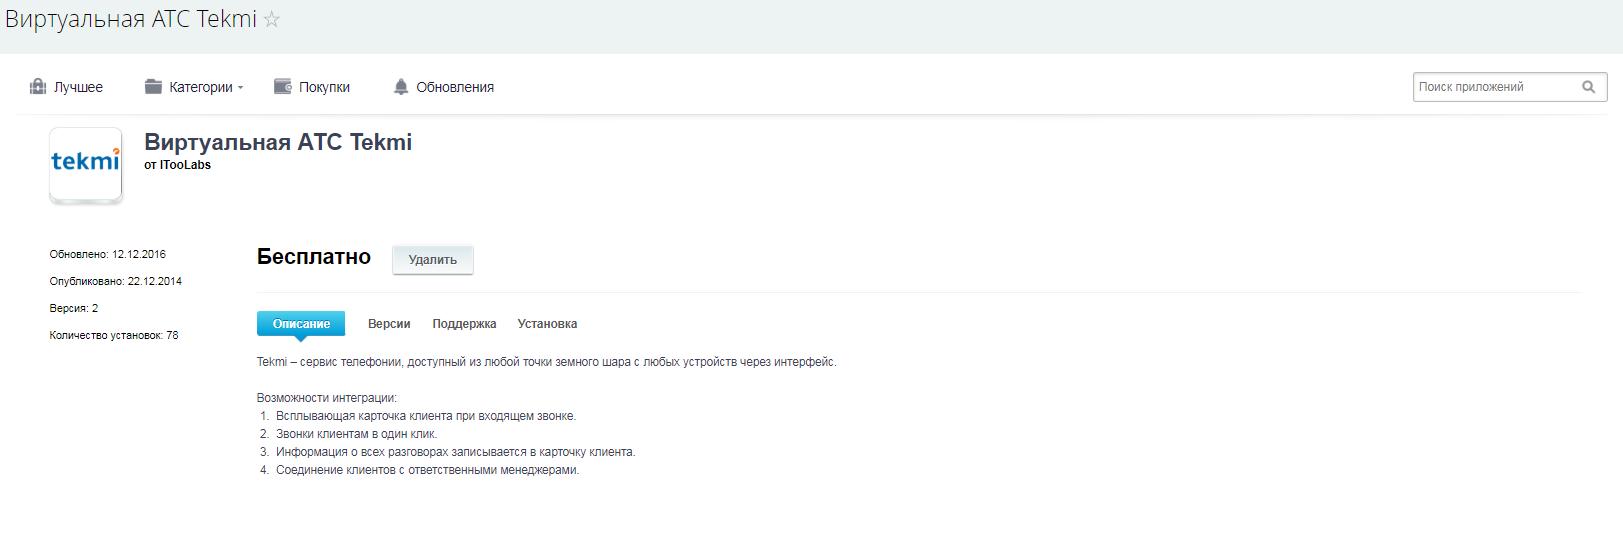 Интеграция битрикс с виртуальной атс ext меню битрикс